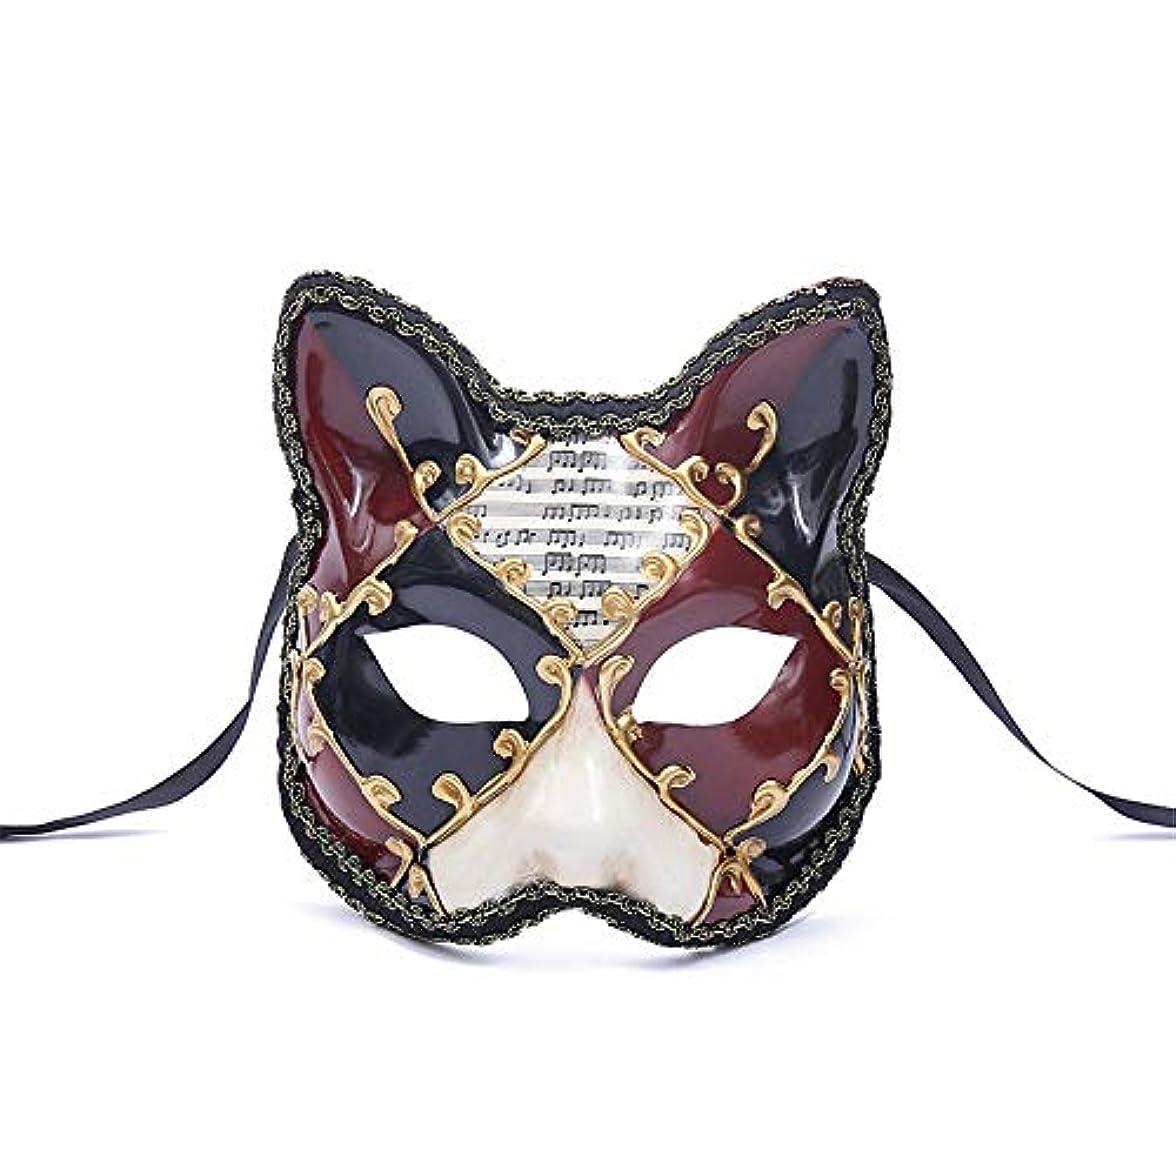 壊れた話す悪性ダンスマスク 大きな猫アンティーク動物レトロコスプレハロウィーン仮装マスクナイトクラブマスク雰囲気フェスティバルマスク ホリデーパーティー用品 (色 : 赤, サイズ : 17.5x16cm)